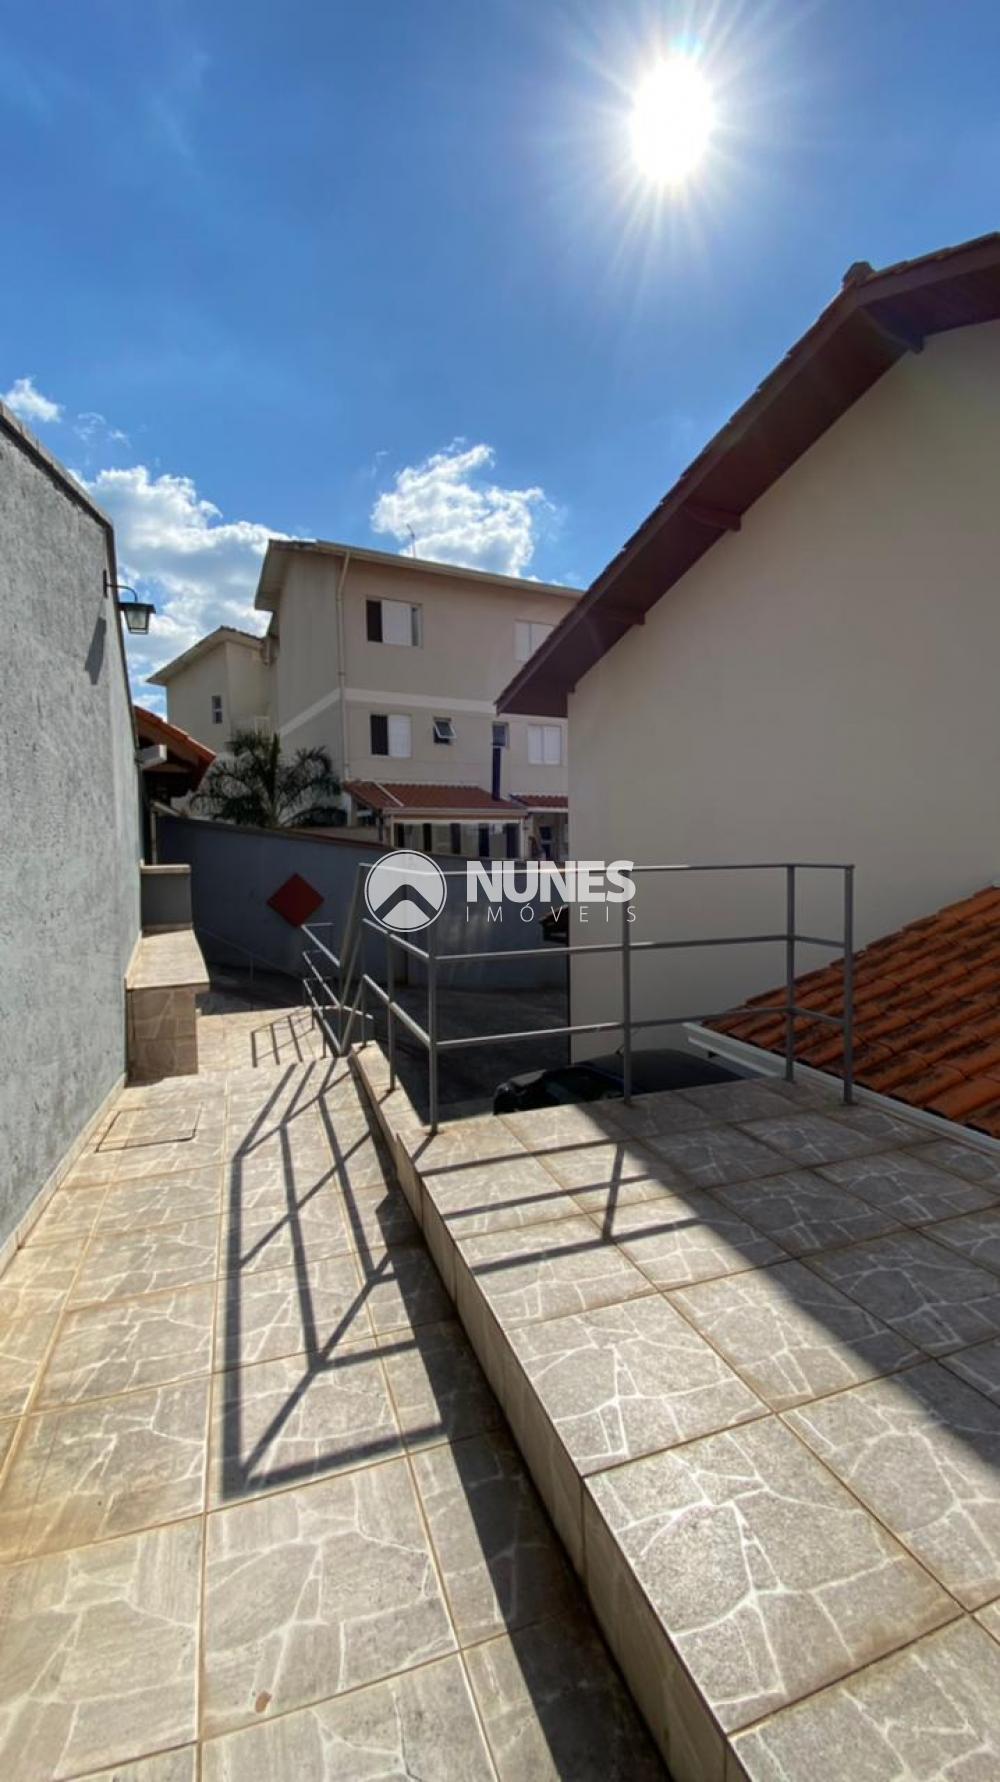 Comprar Casa / Sobrado em Barueri R$ 350.000,00 - Foto 27